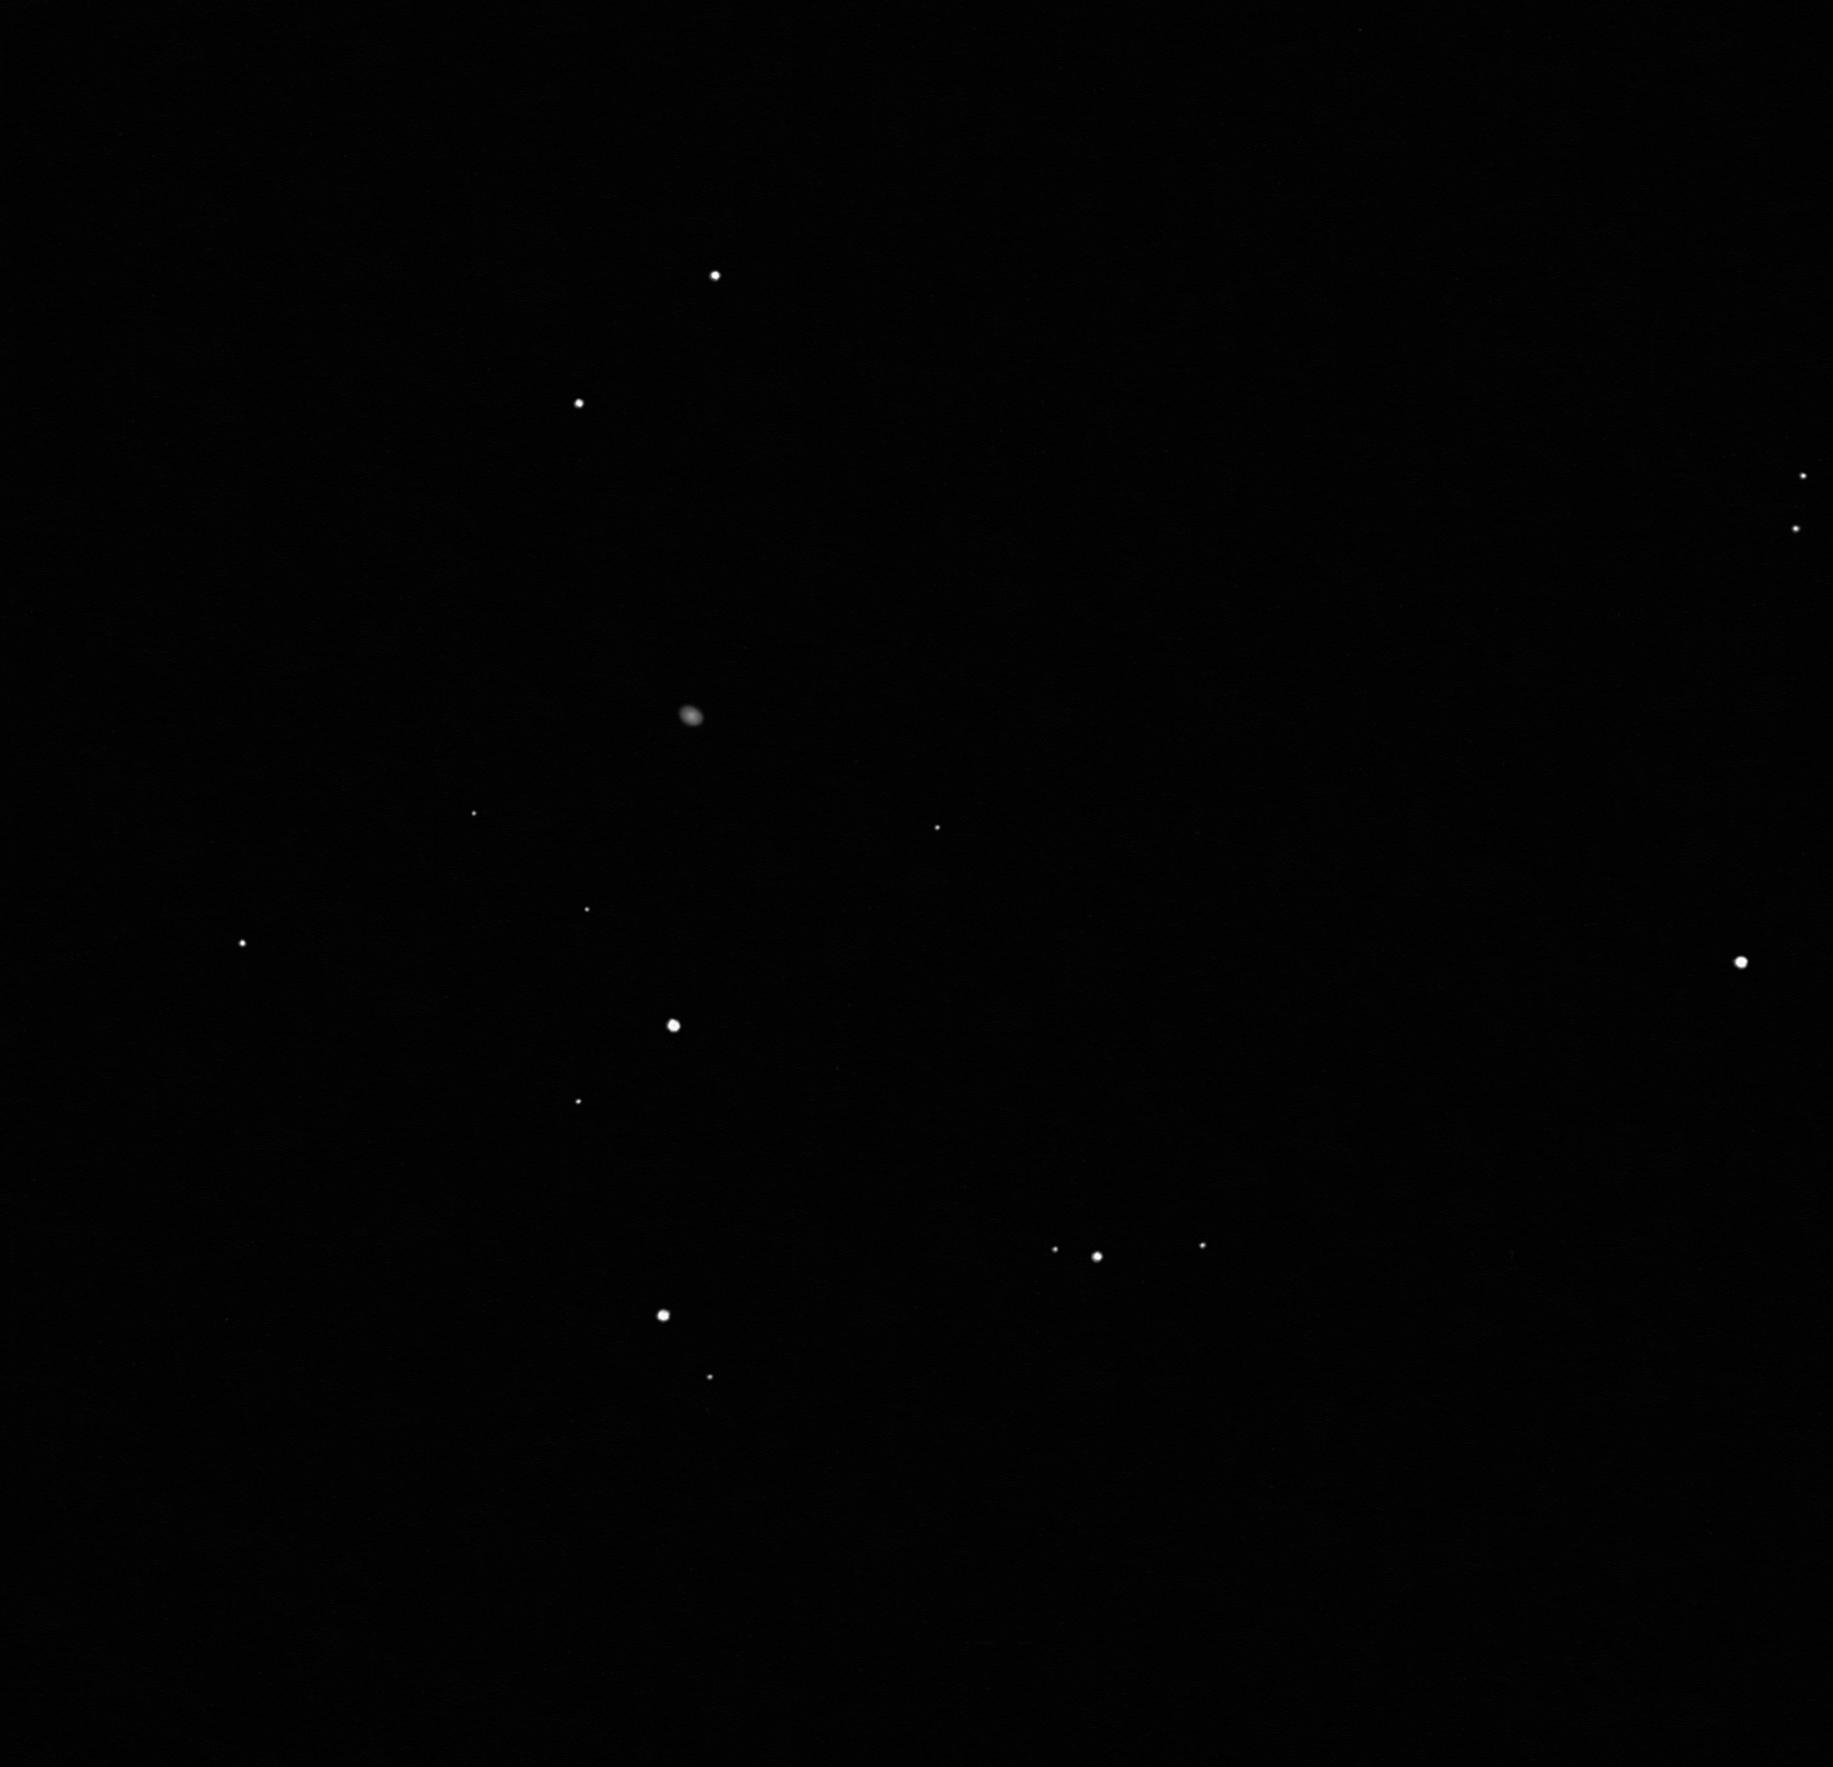 PK38+12.1 planetary nebula